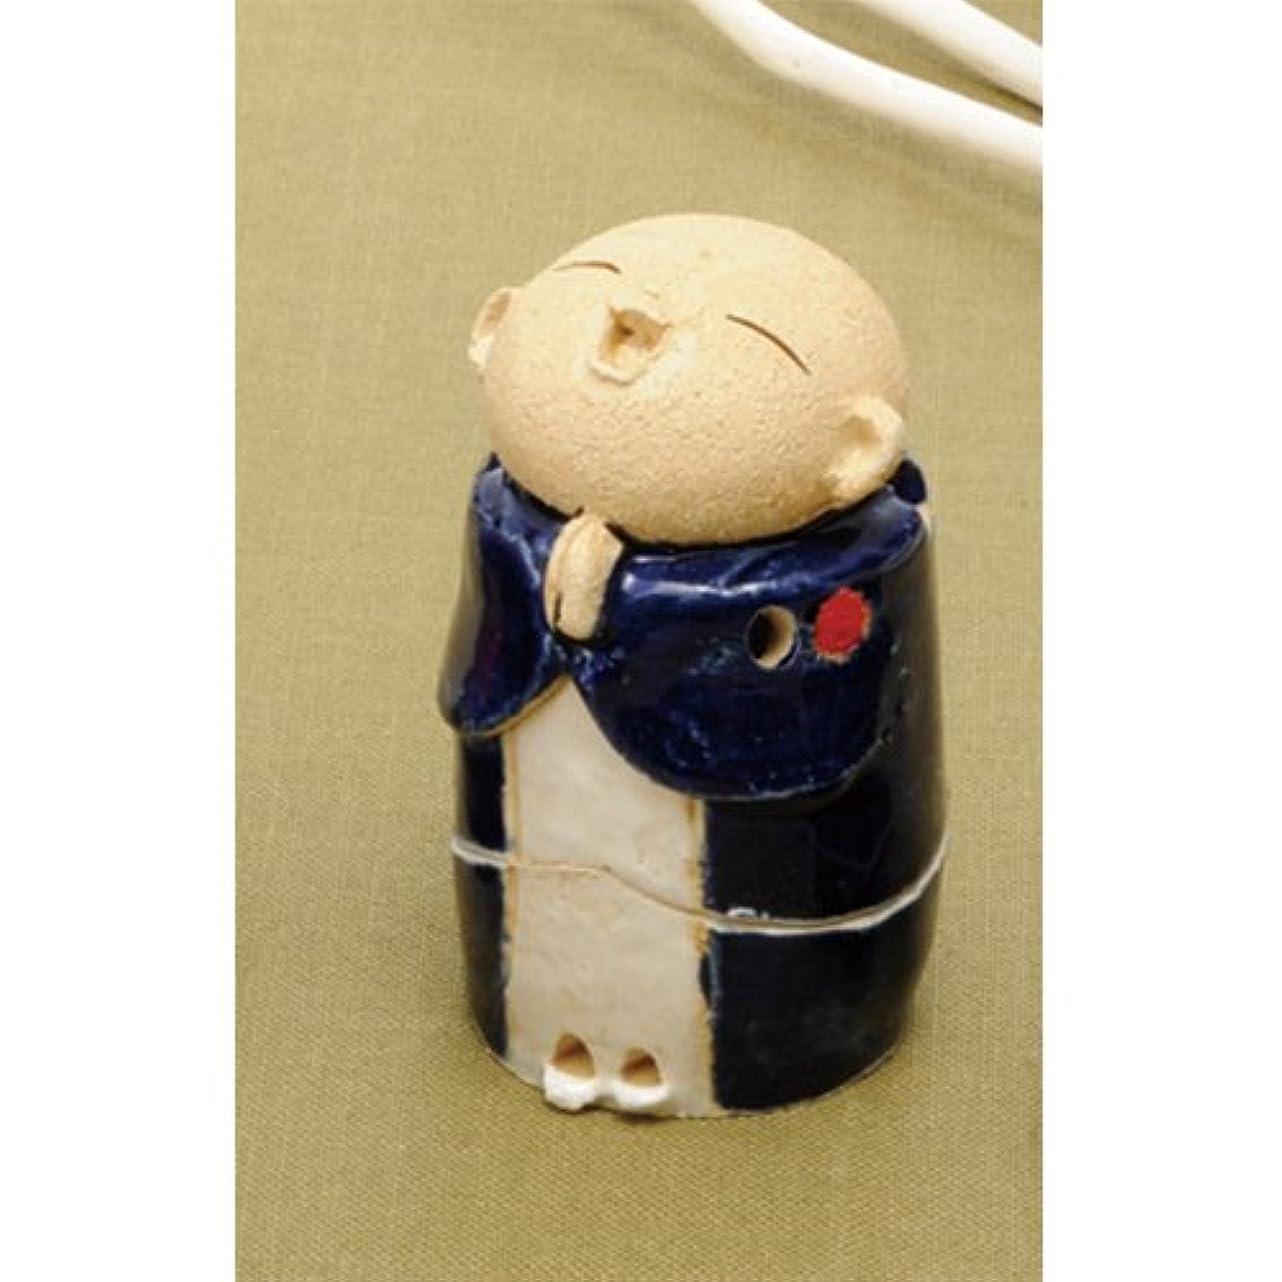 大佐定期的バウンドお地蔵様 香炉シリーズ 青 お地蔵様 香炉 2.8寸 [H8.5cm] HANDMADE プレゼント ギフト 和食器 かわいい インテリア